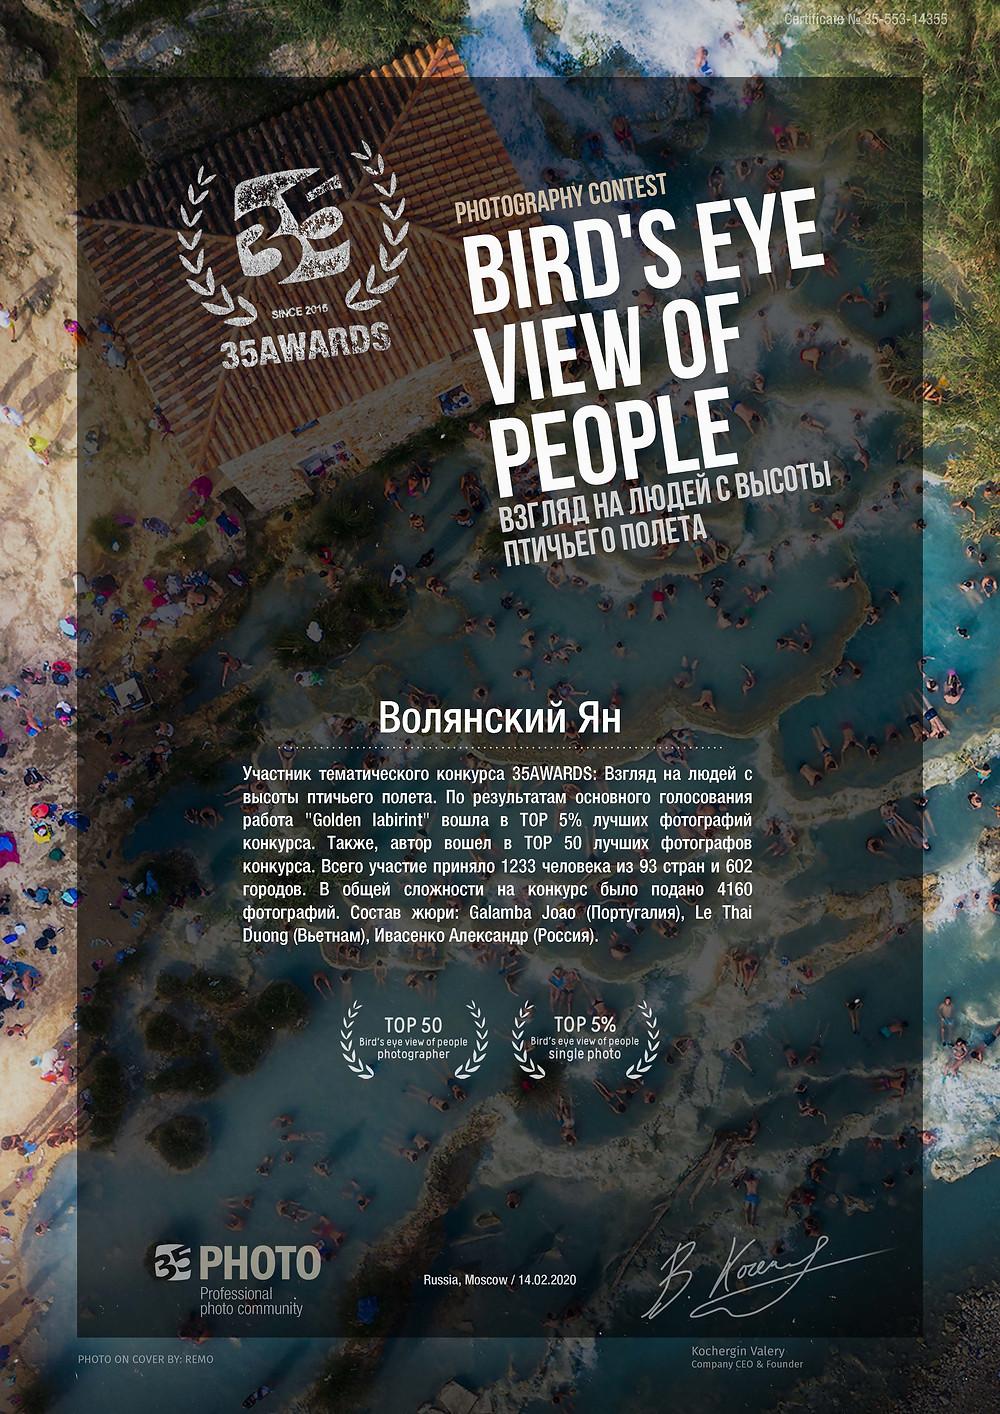 Аерофотограф Ян ВОлянський потрапив дотоп 50 фотографів світу на міжнародному конкурсі фотографії